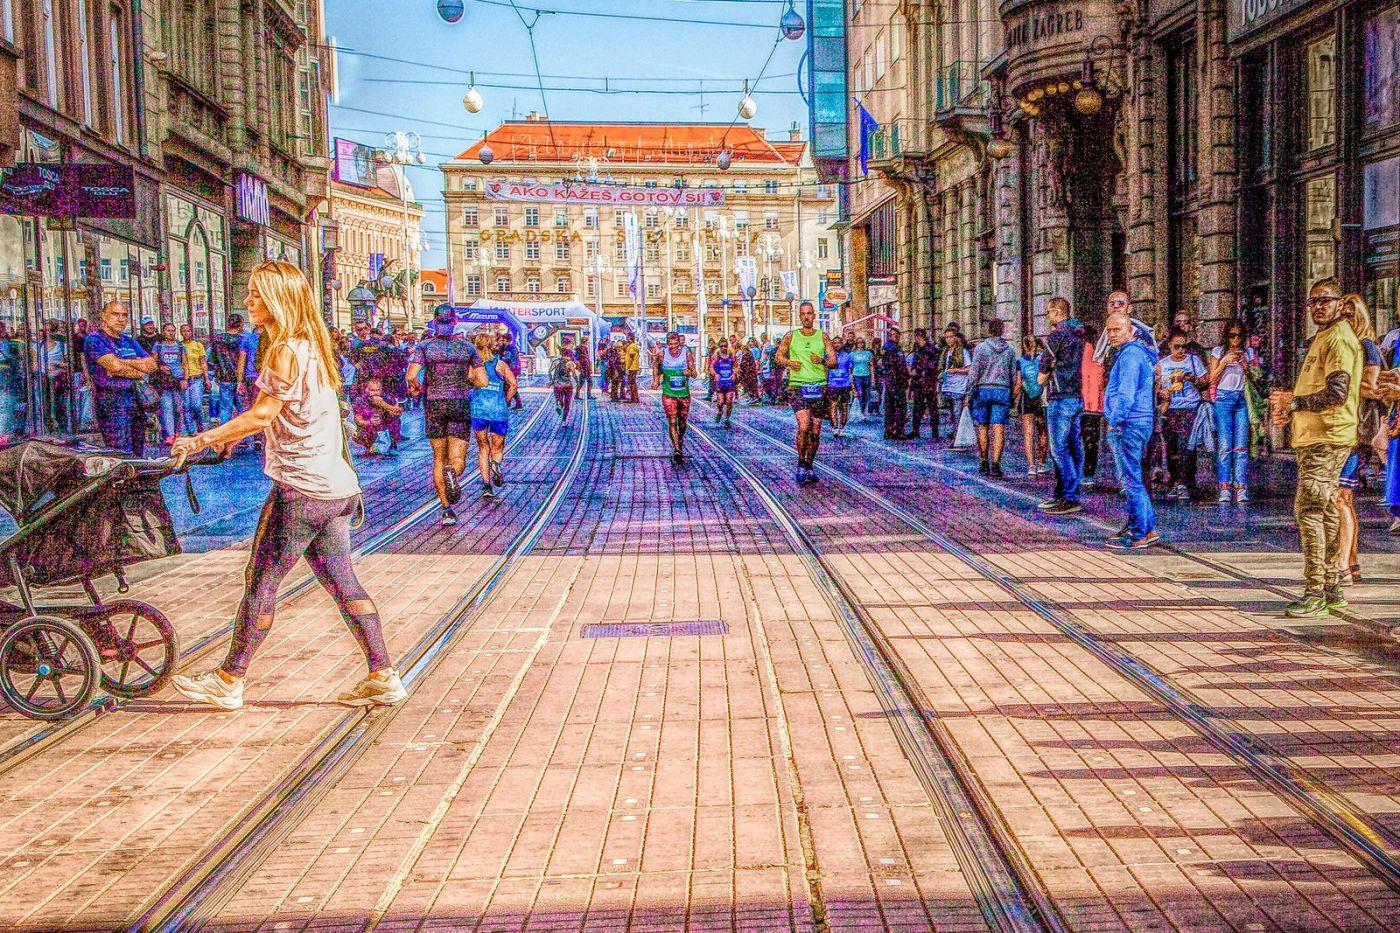 克罗地亚萨格勒布(Zagreb),走进画卷_图1-30